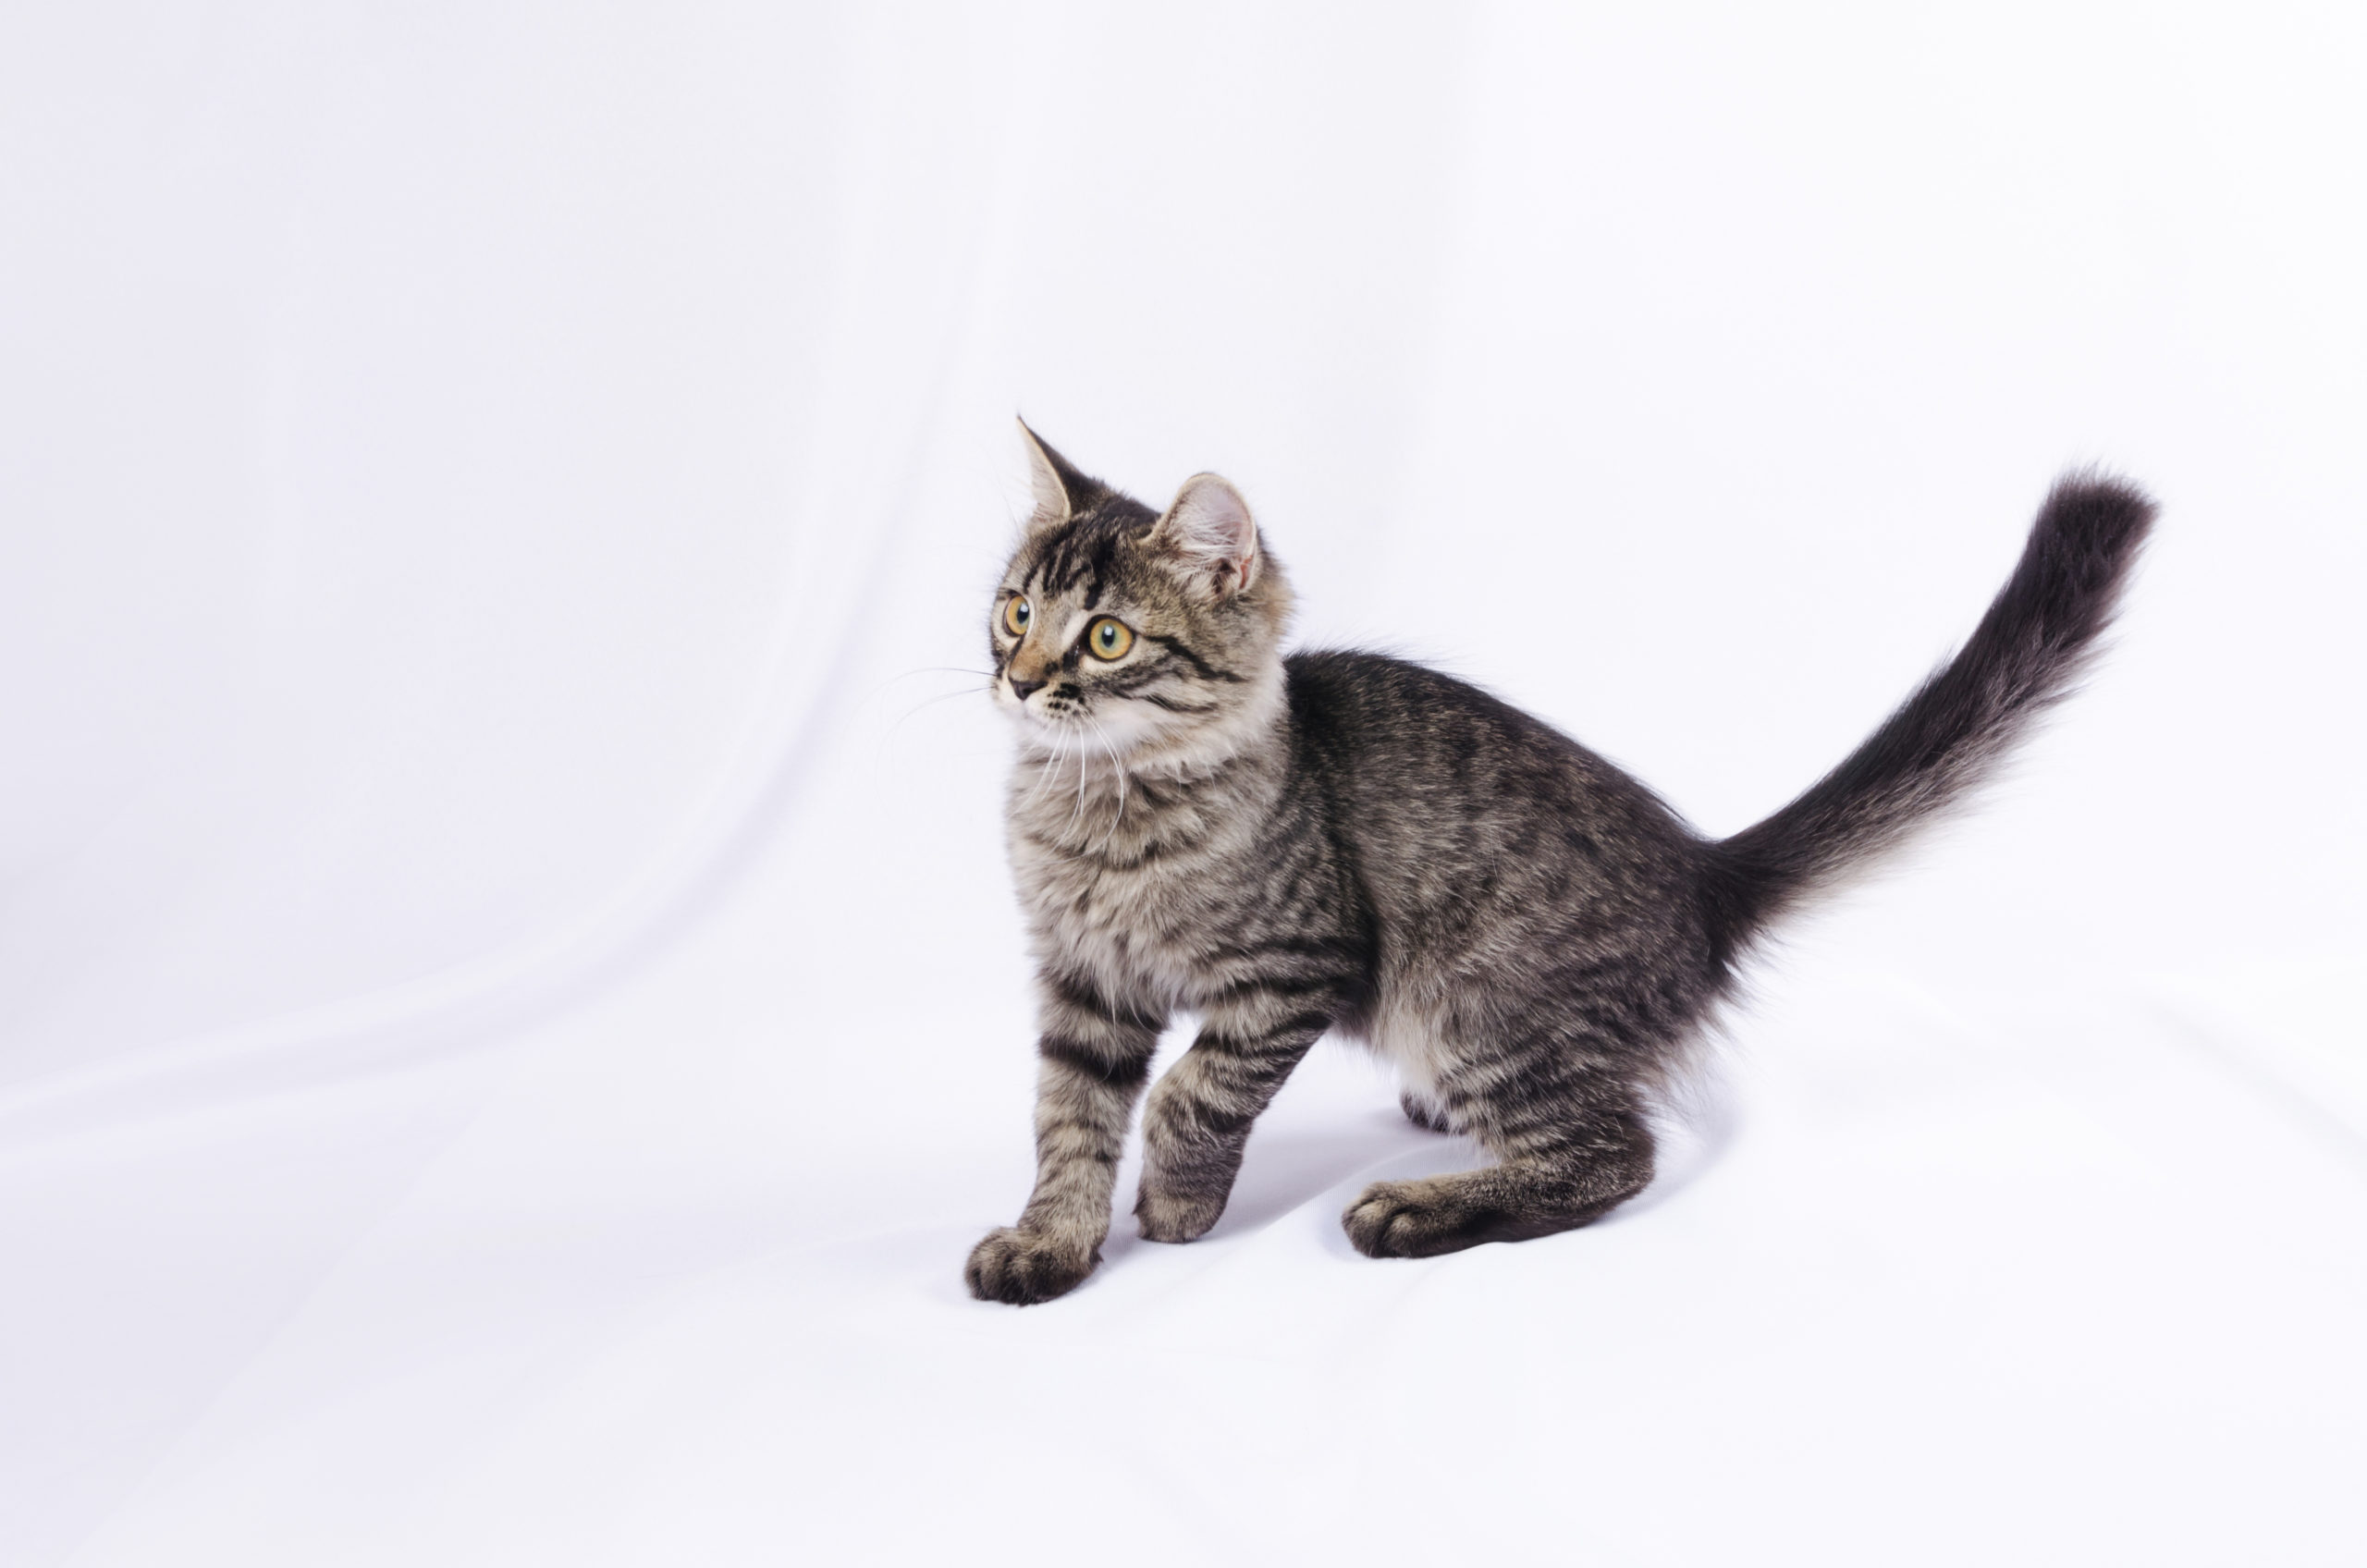 猫がしっぽを振る6つの意味とは?【しっぽの振り方で気持ちを理解】